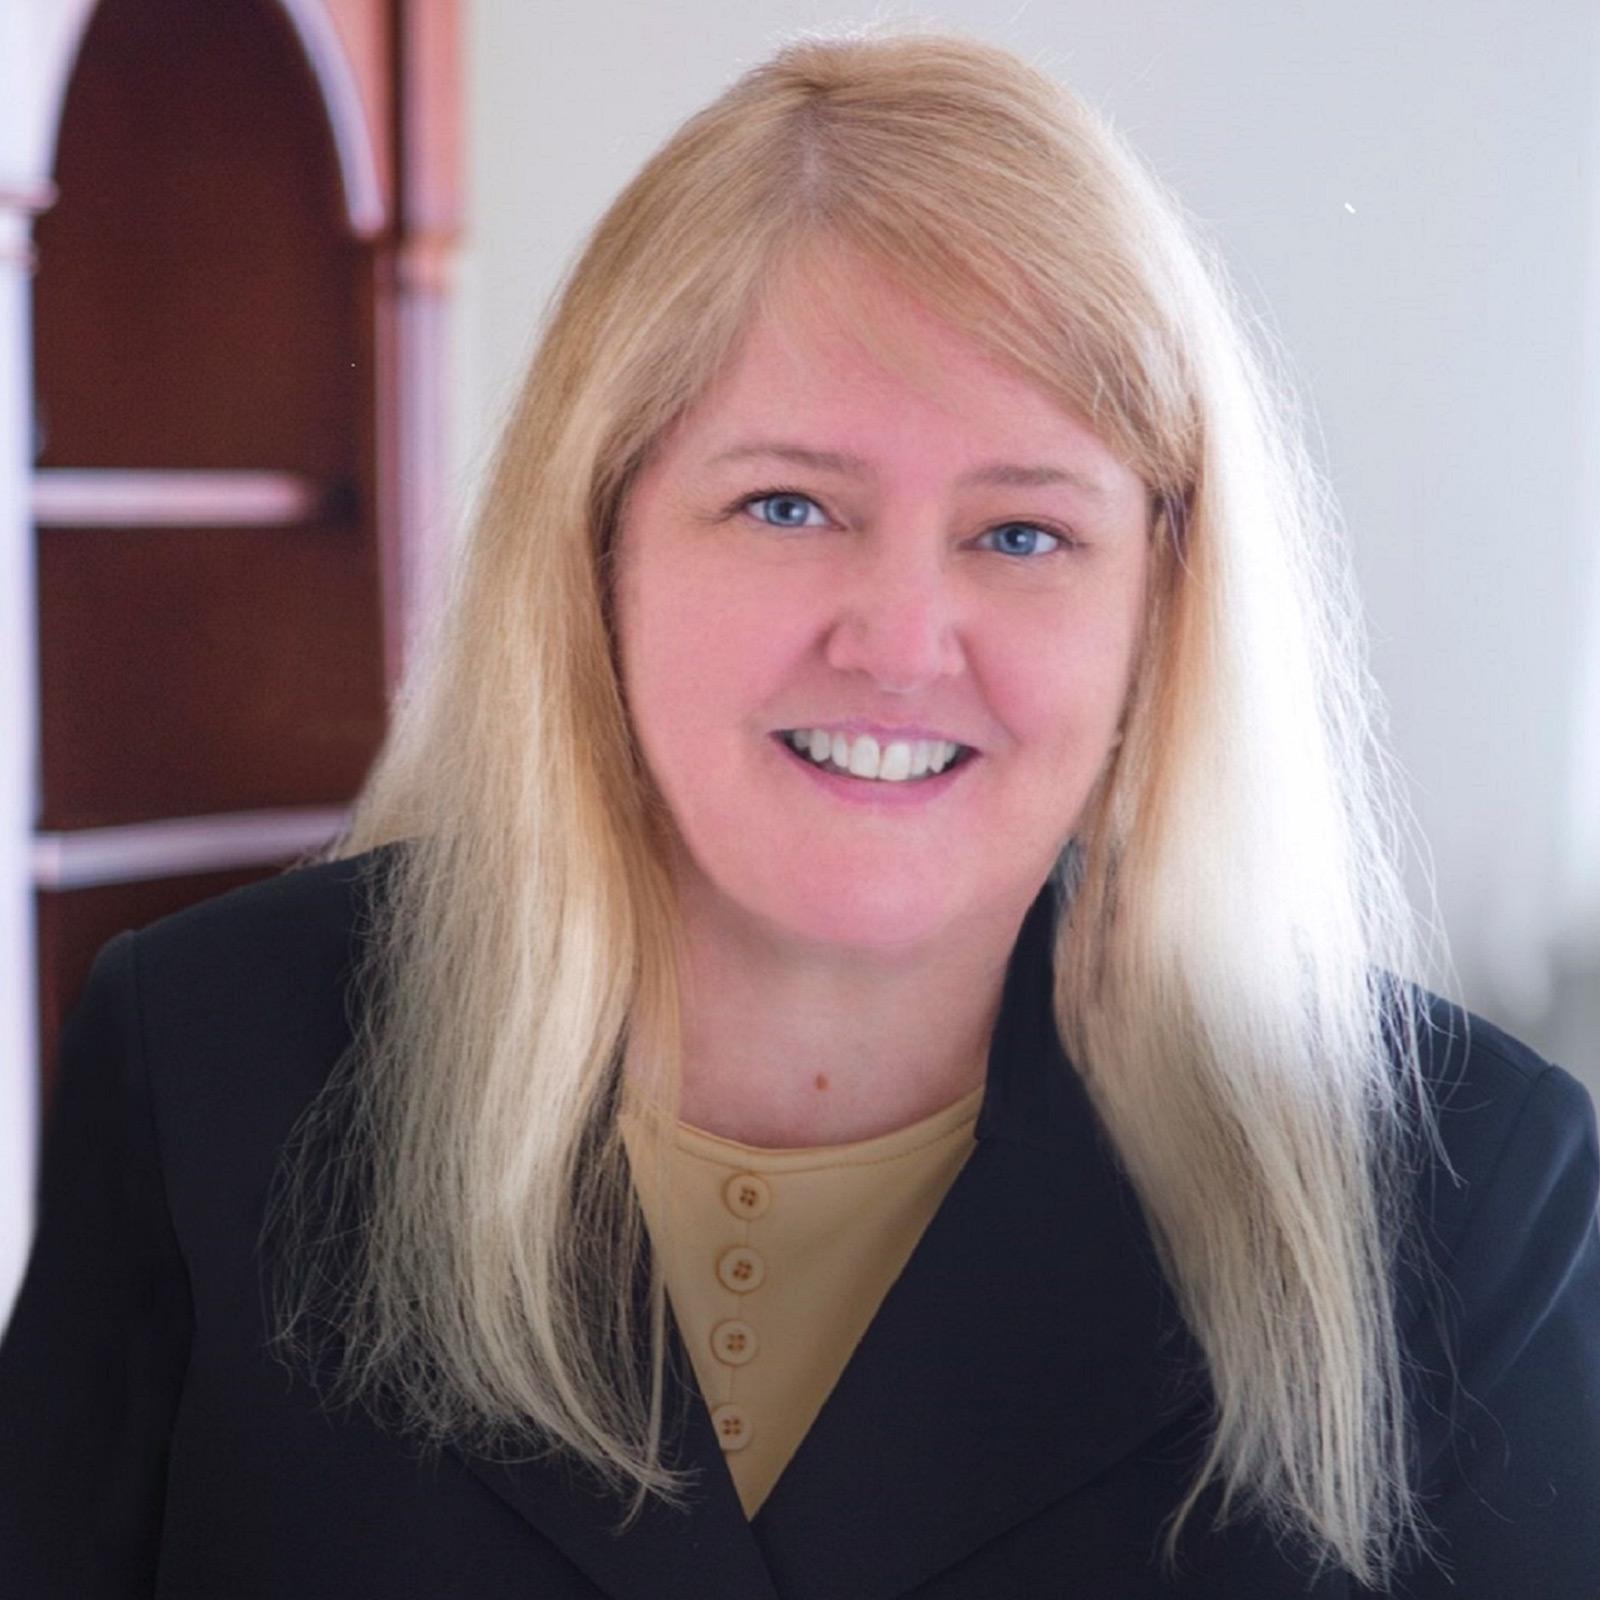 Image of Leah S. Ranke